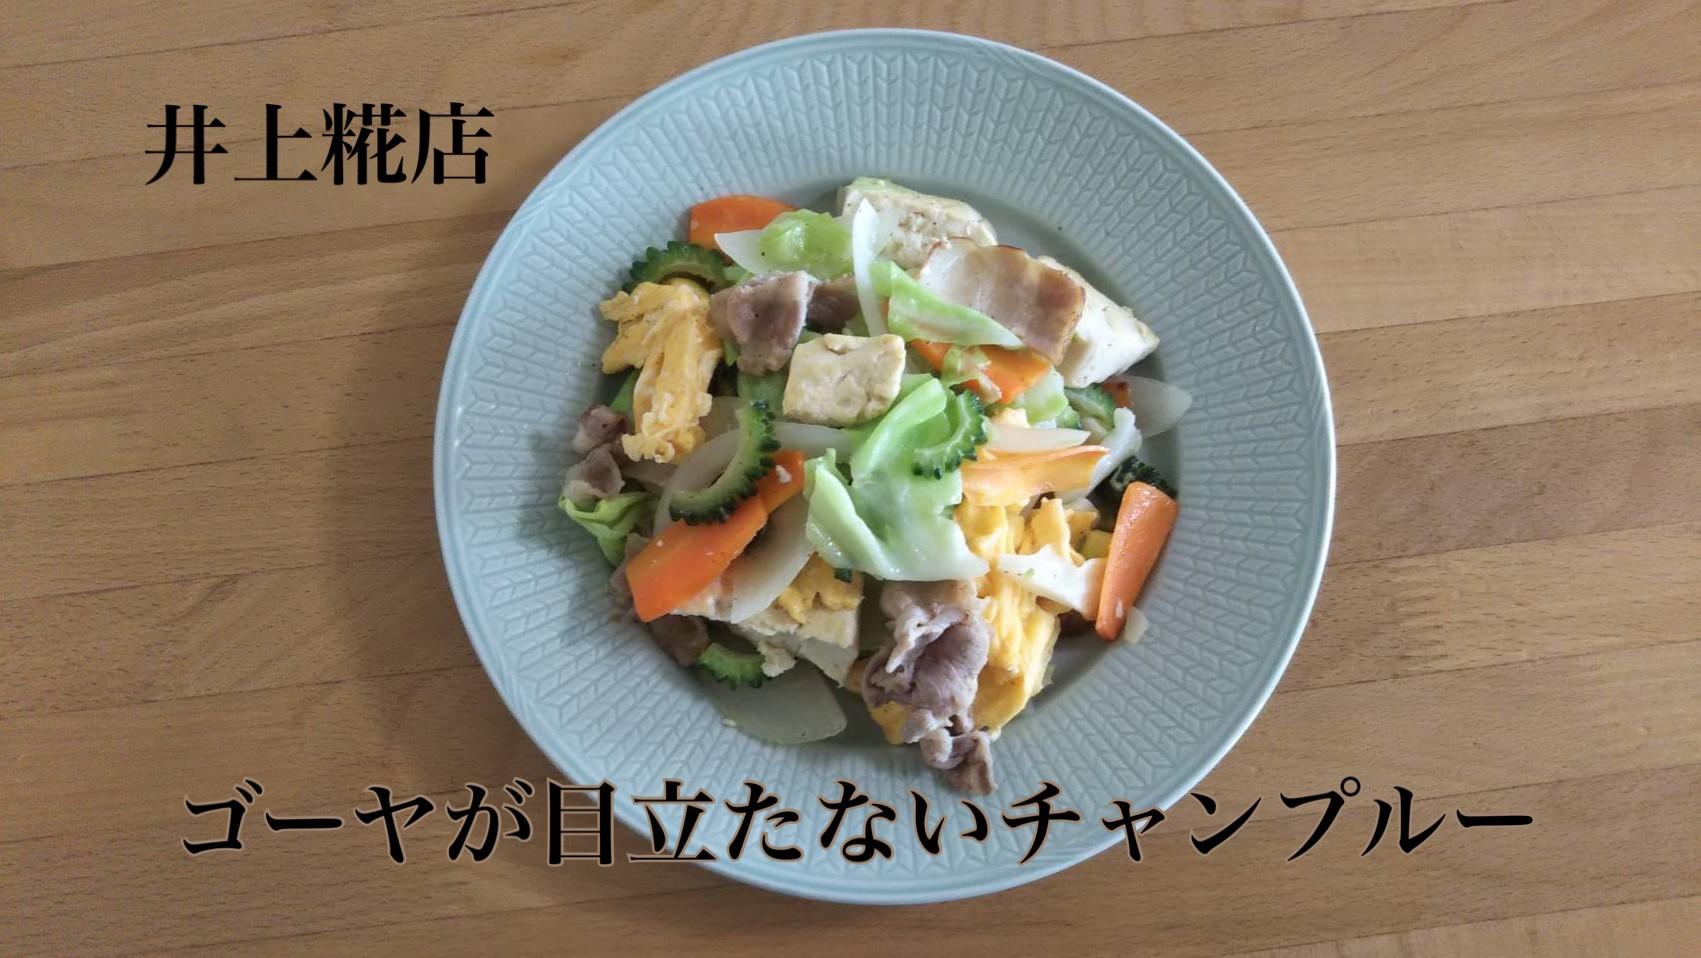 【塩糀レシピ動画】ゴーヤが目立たないチャンプルー